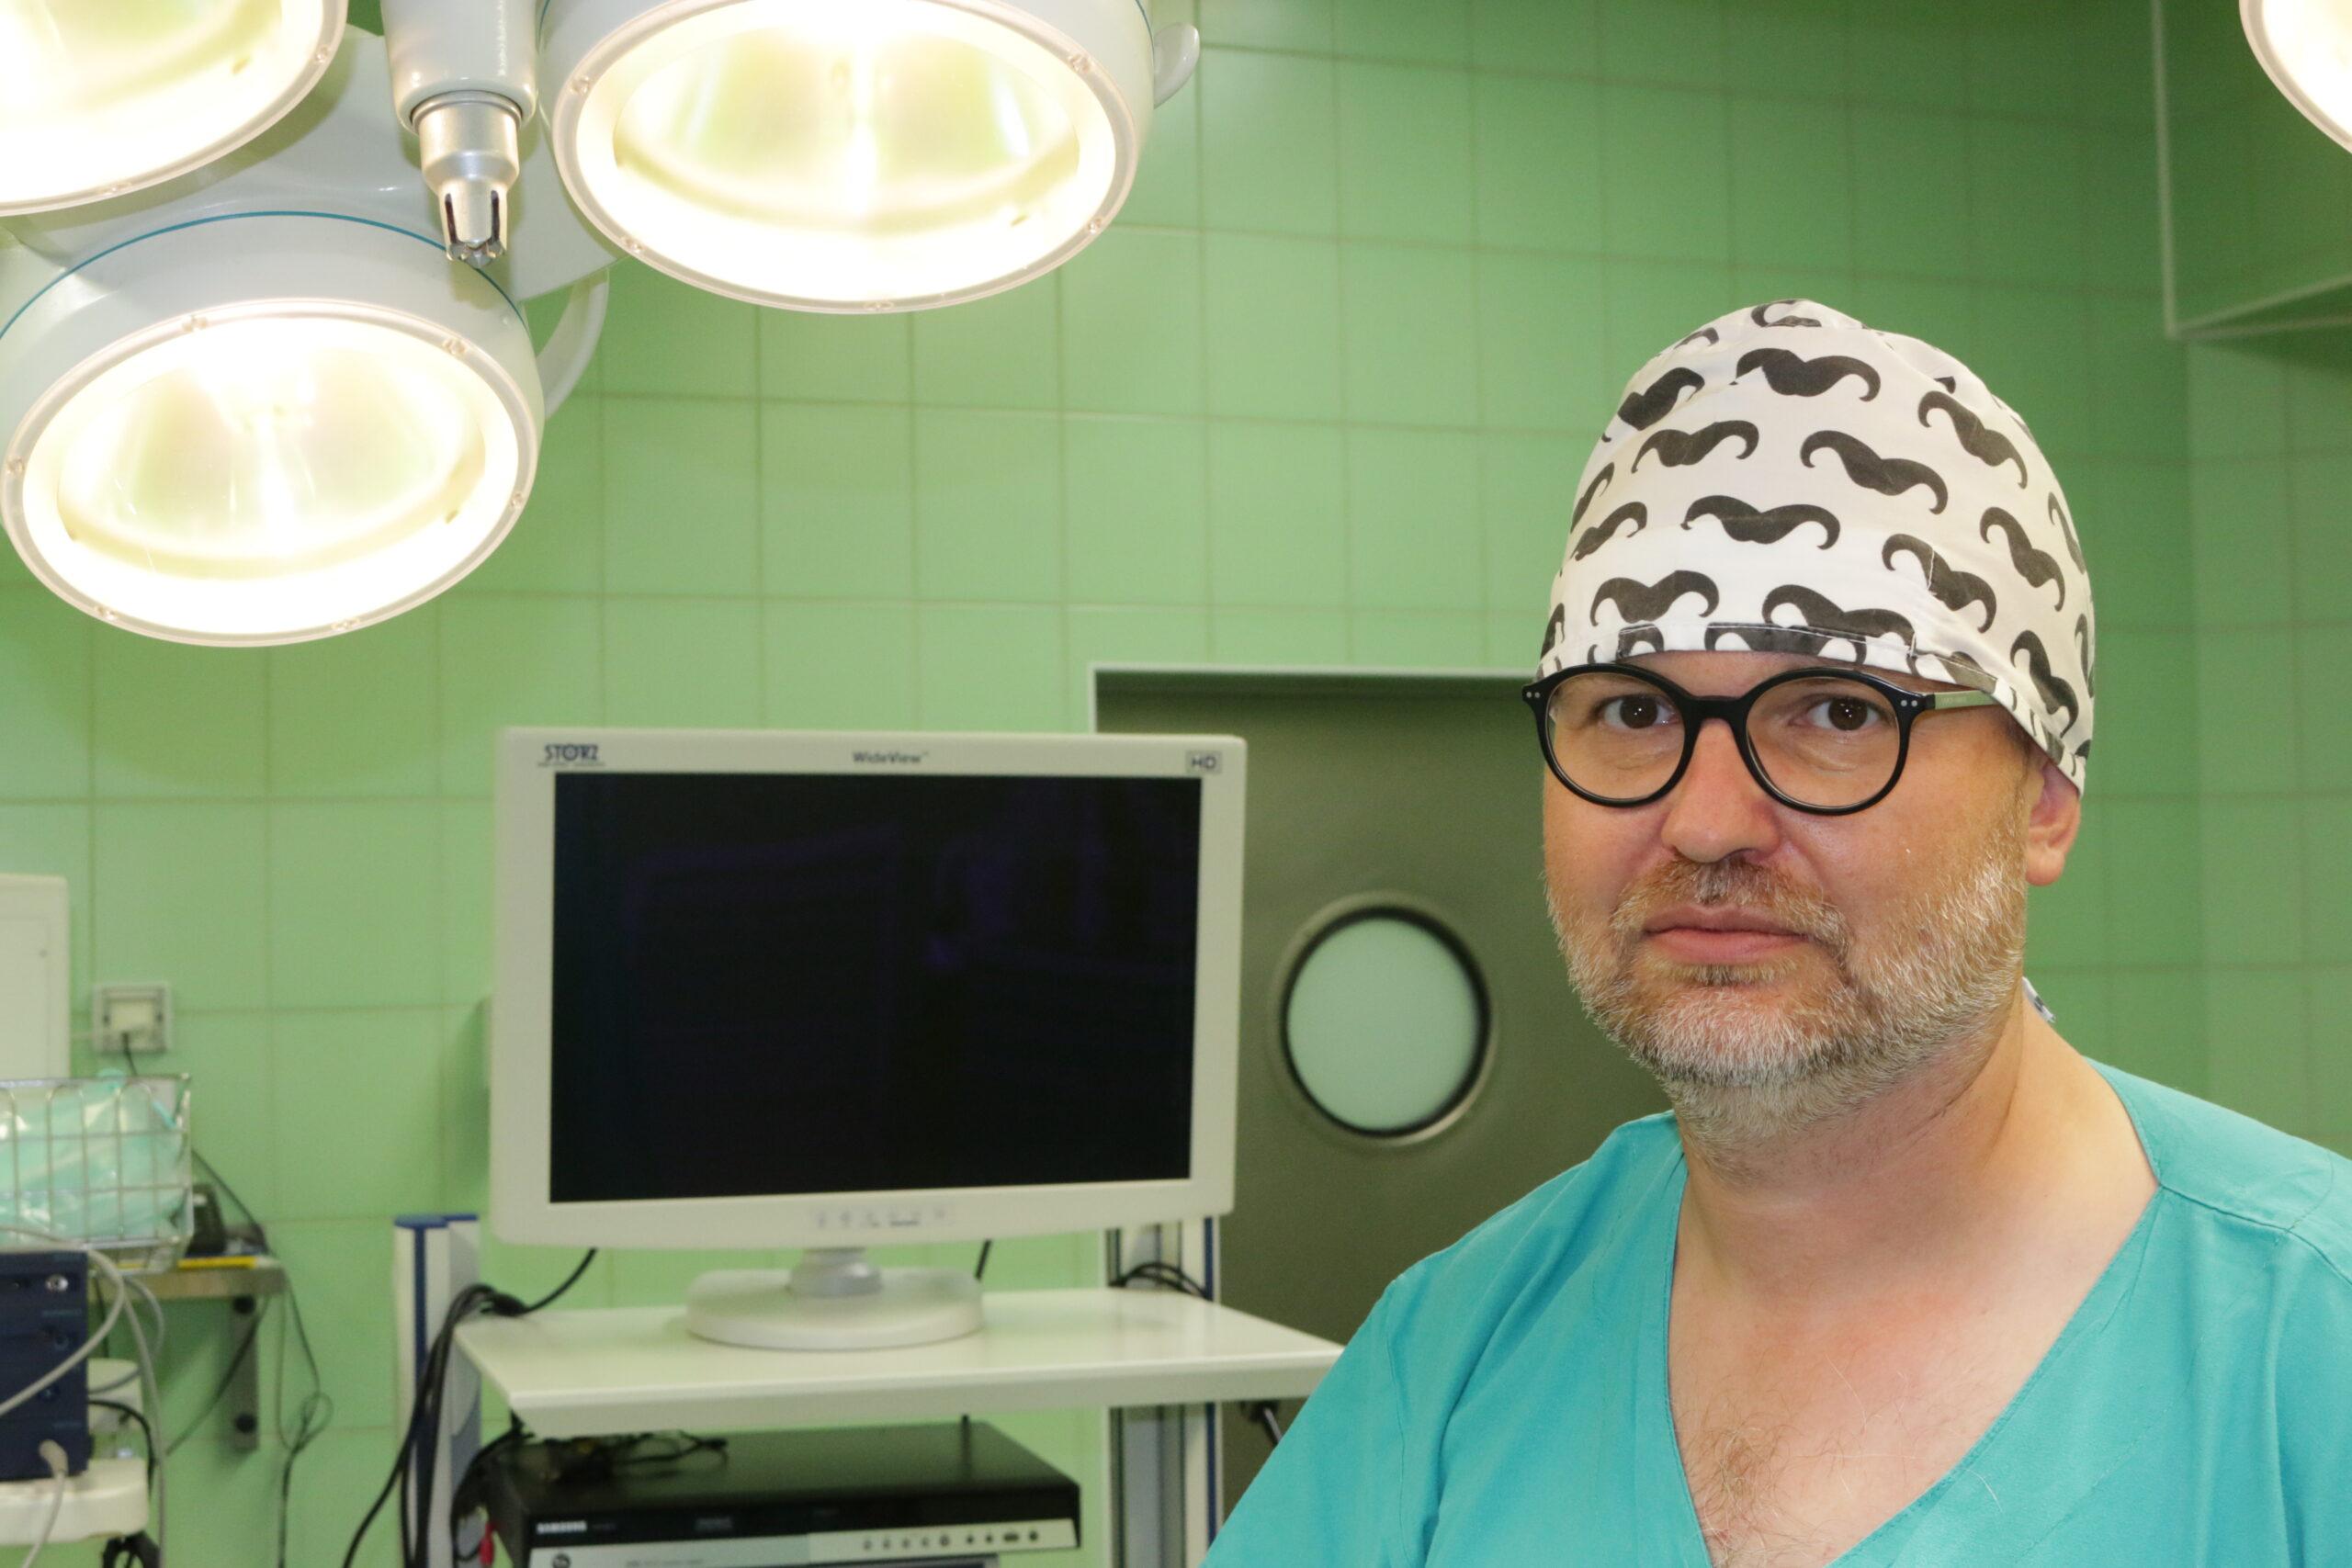 """Dr hab. Wojciech Makarewicz: """"Planujemy, aby Kościerzyna była trzecim ośrodkiem w regionie wykonującym operacje zmniejszenia żołądka"""" [WYWIAD]"""